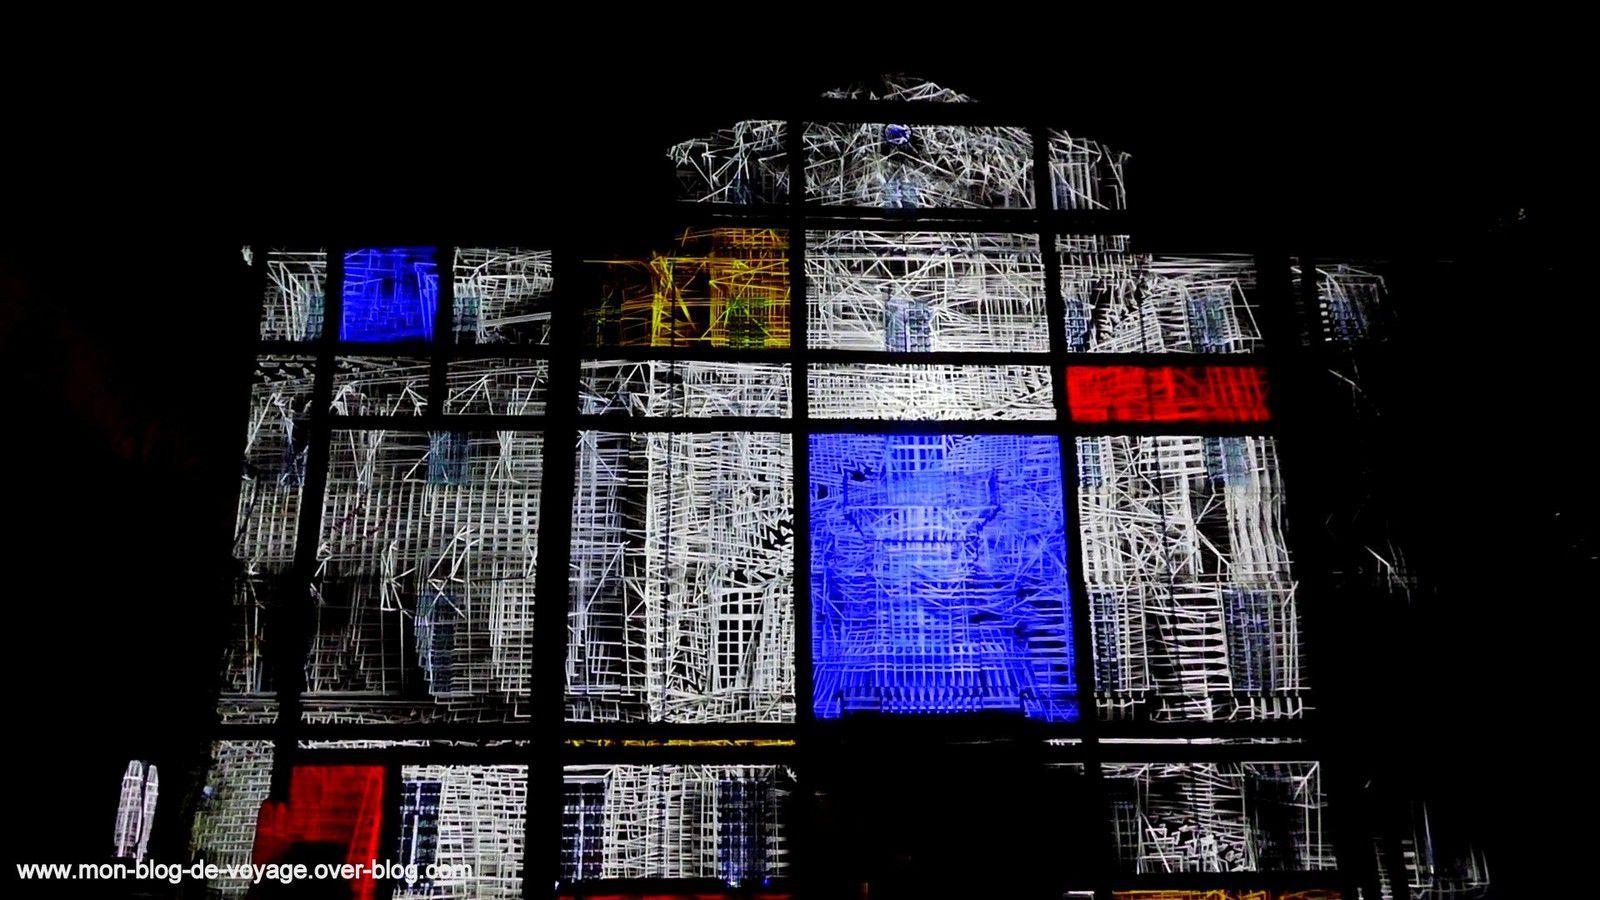 Quelques images du mapping coloré et géométrique à souhait, projeté sur la façade du musée Fabre (Novembre 2019, images personnelles)